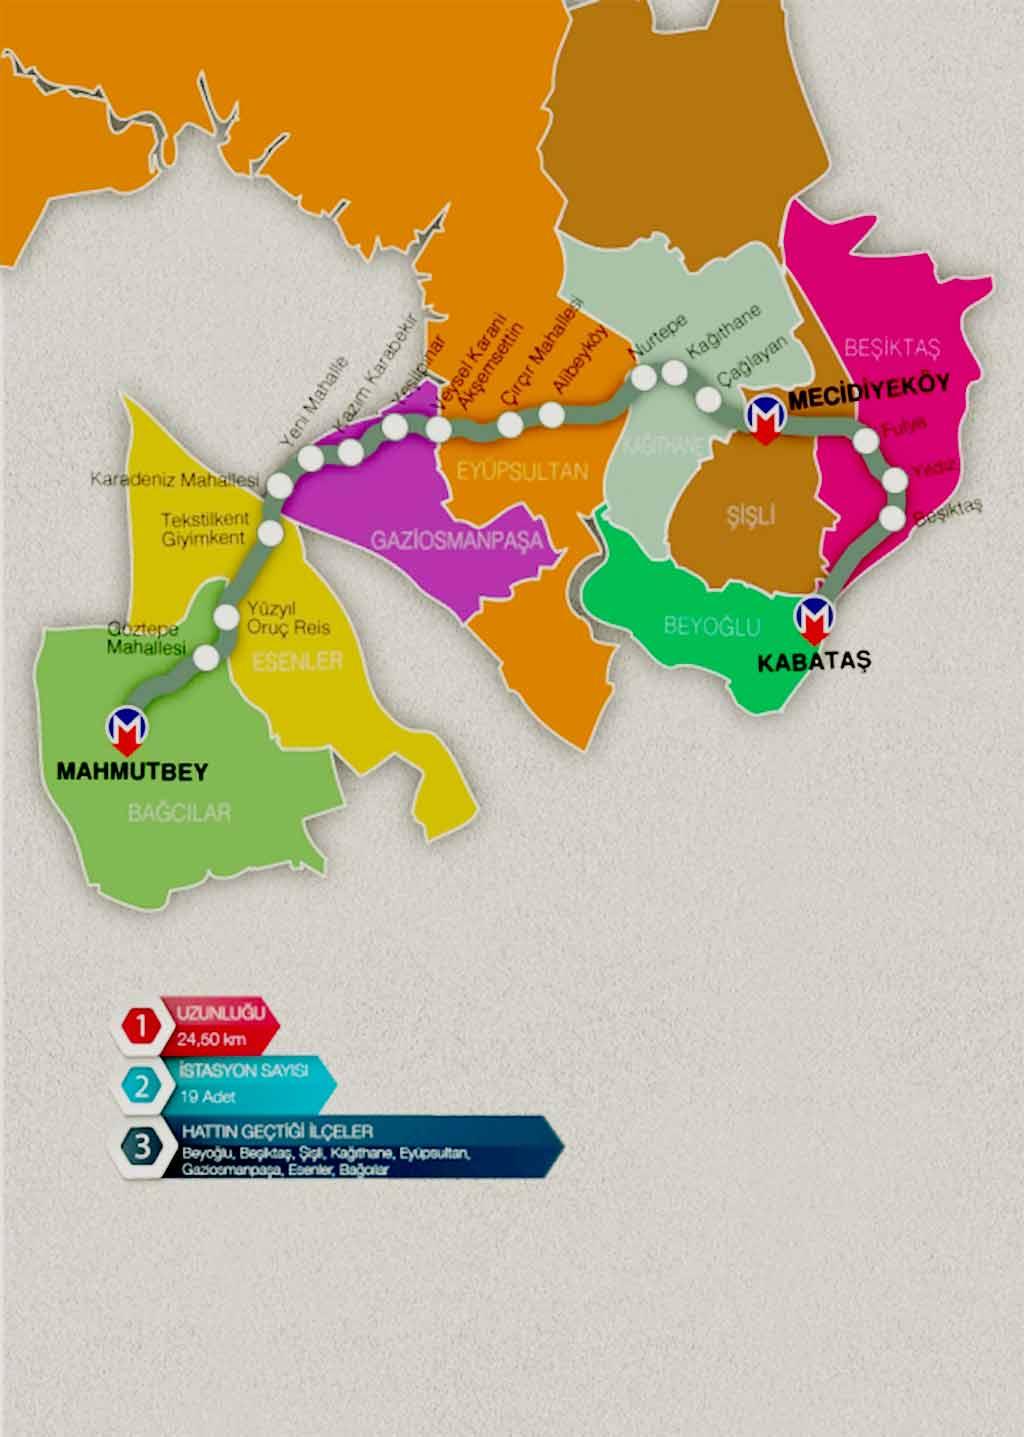 İstanbul 'da 2018 'de açılacak metro hatları